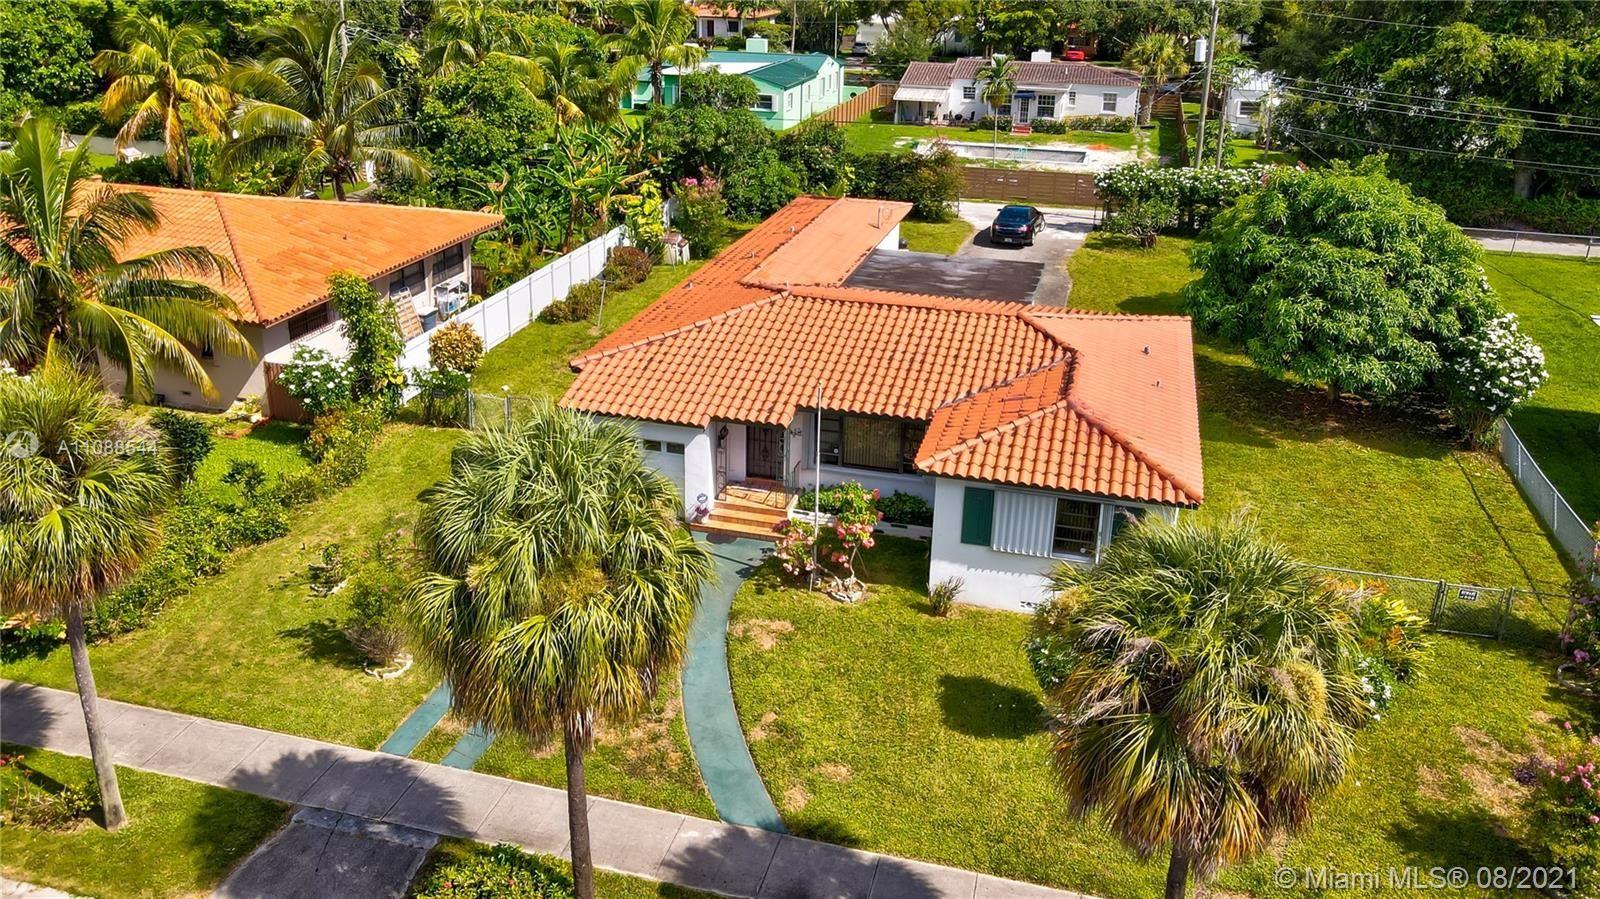 65 NW 95th St, Miami Shores, FL 33150 - #: A11088544